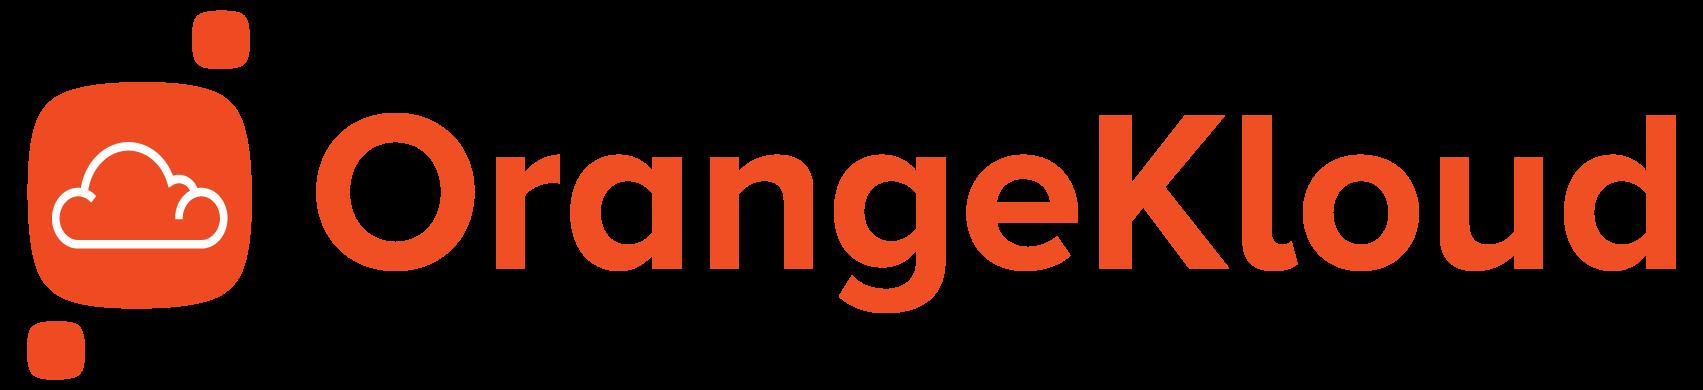 Orangekloud Warehouse App - OrangeKloud Inc